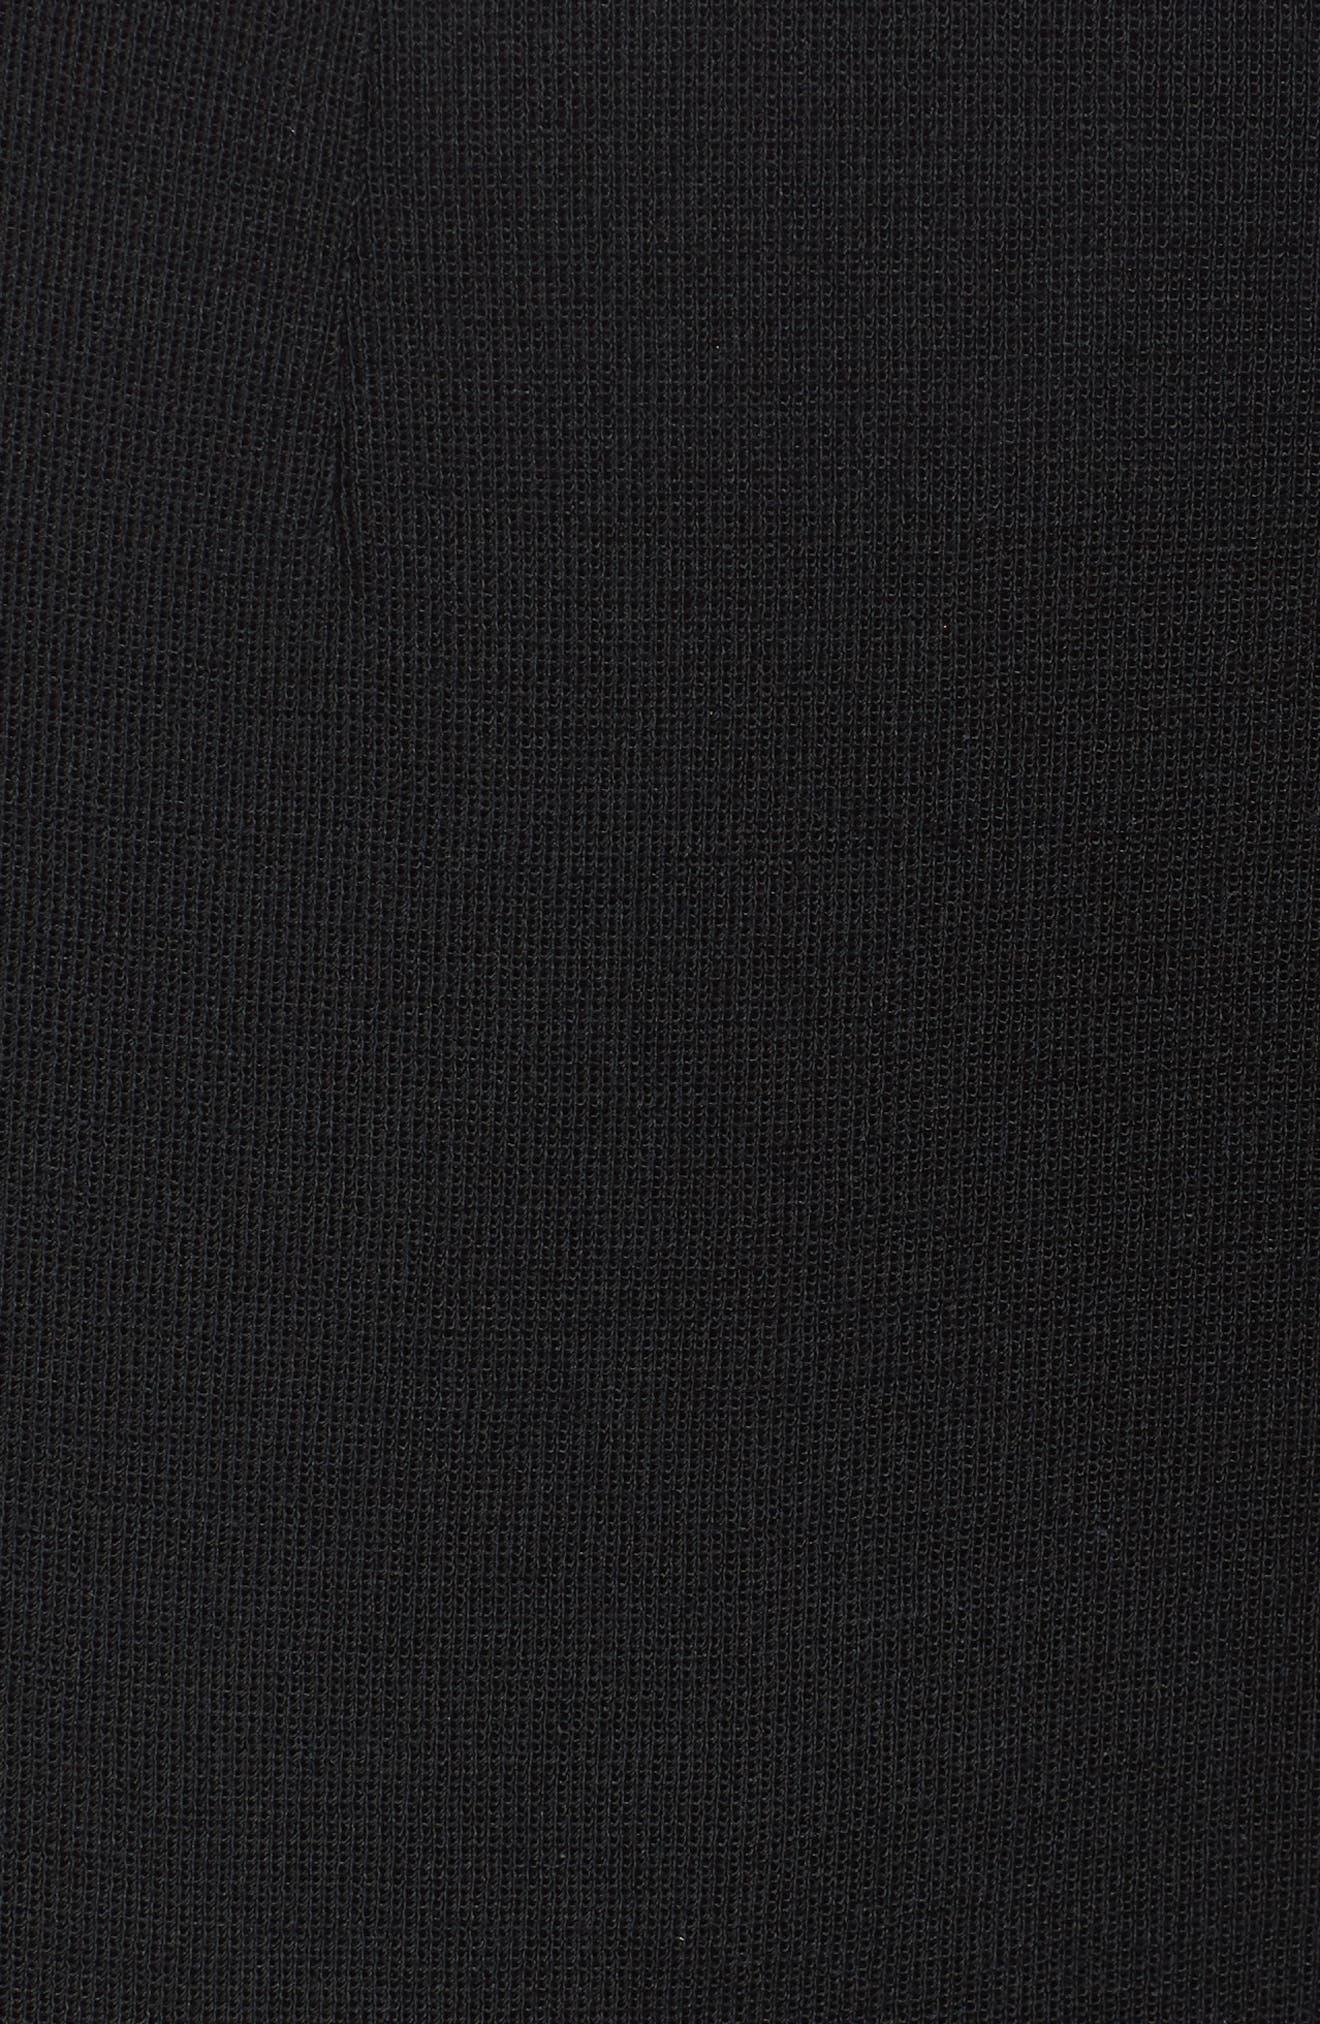 Crop Knit Pants,                             Alternate thumbnail 6, color,                             Black